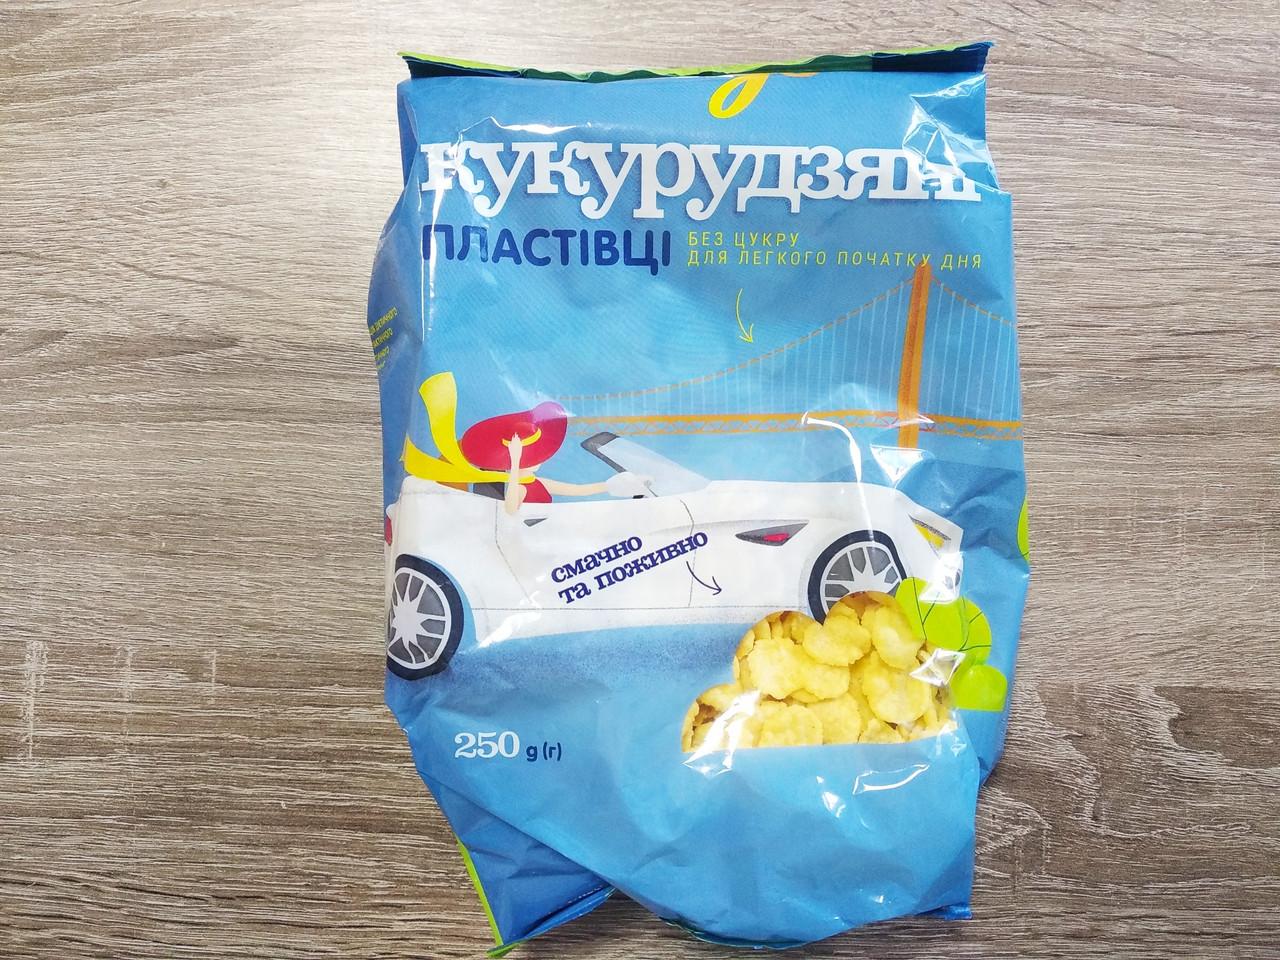 Пластівці кукурудзяні без цукру Vengo 250 гр.